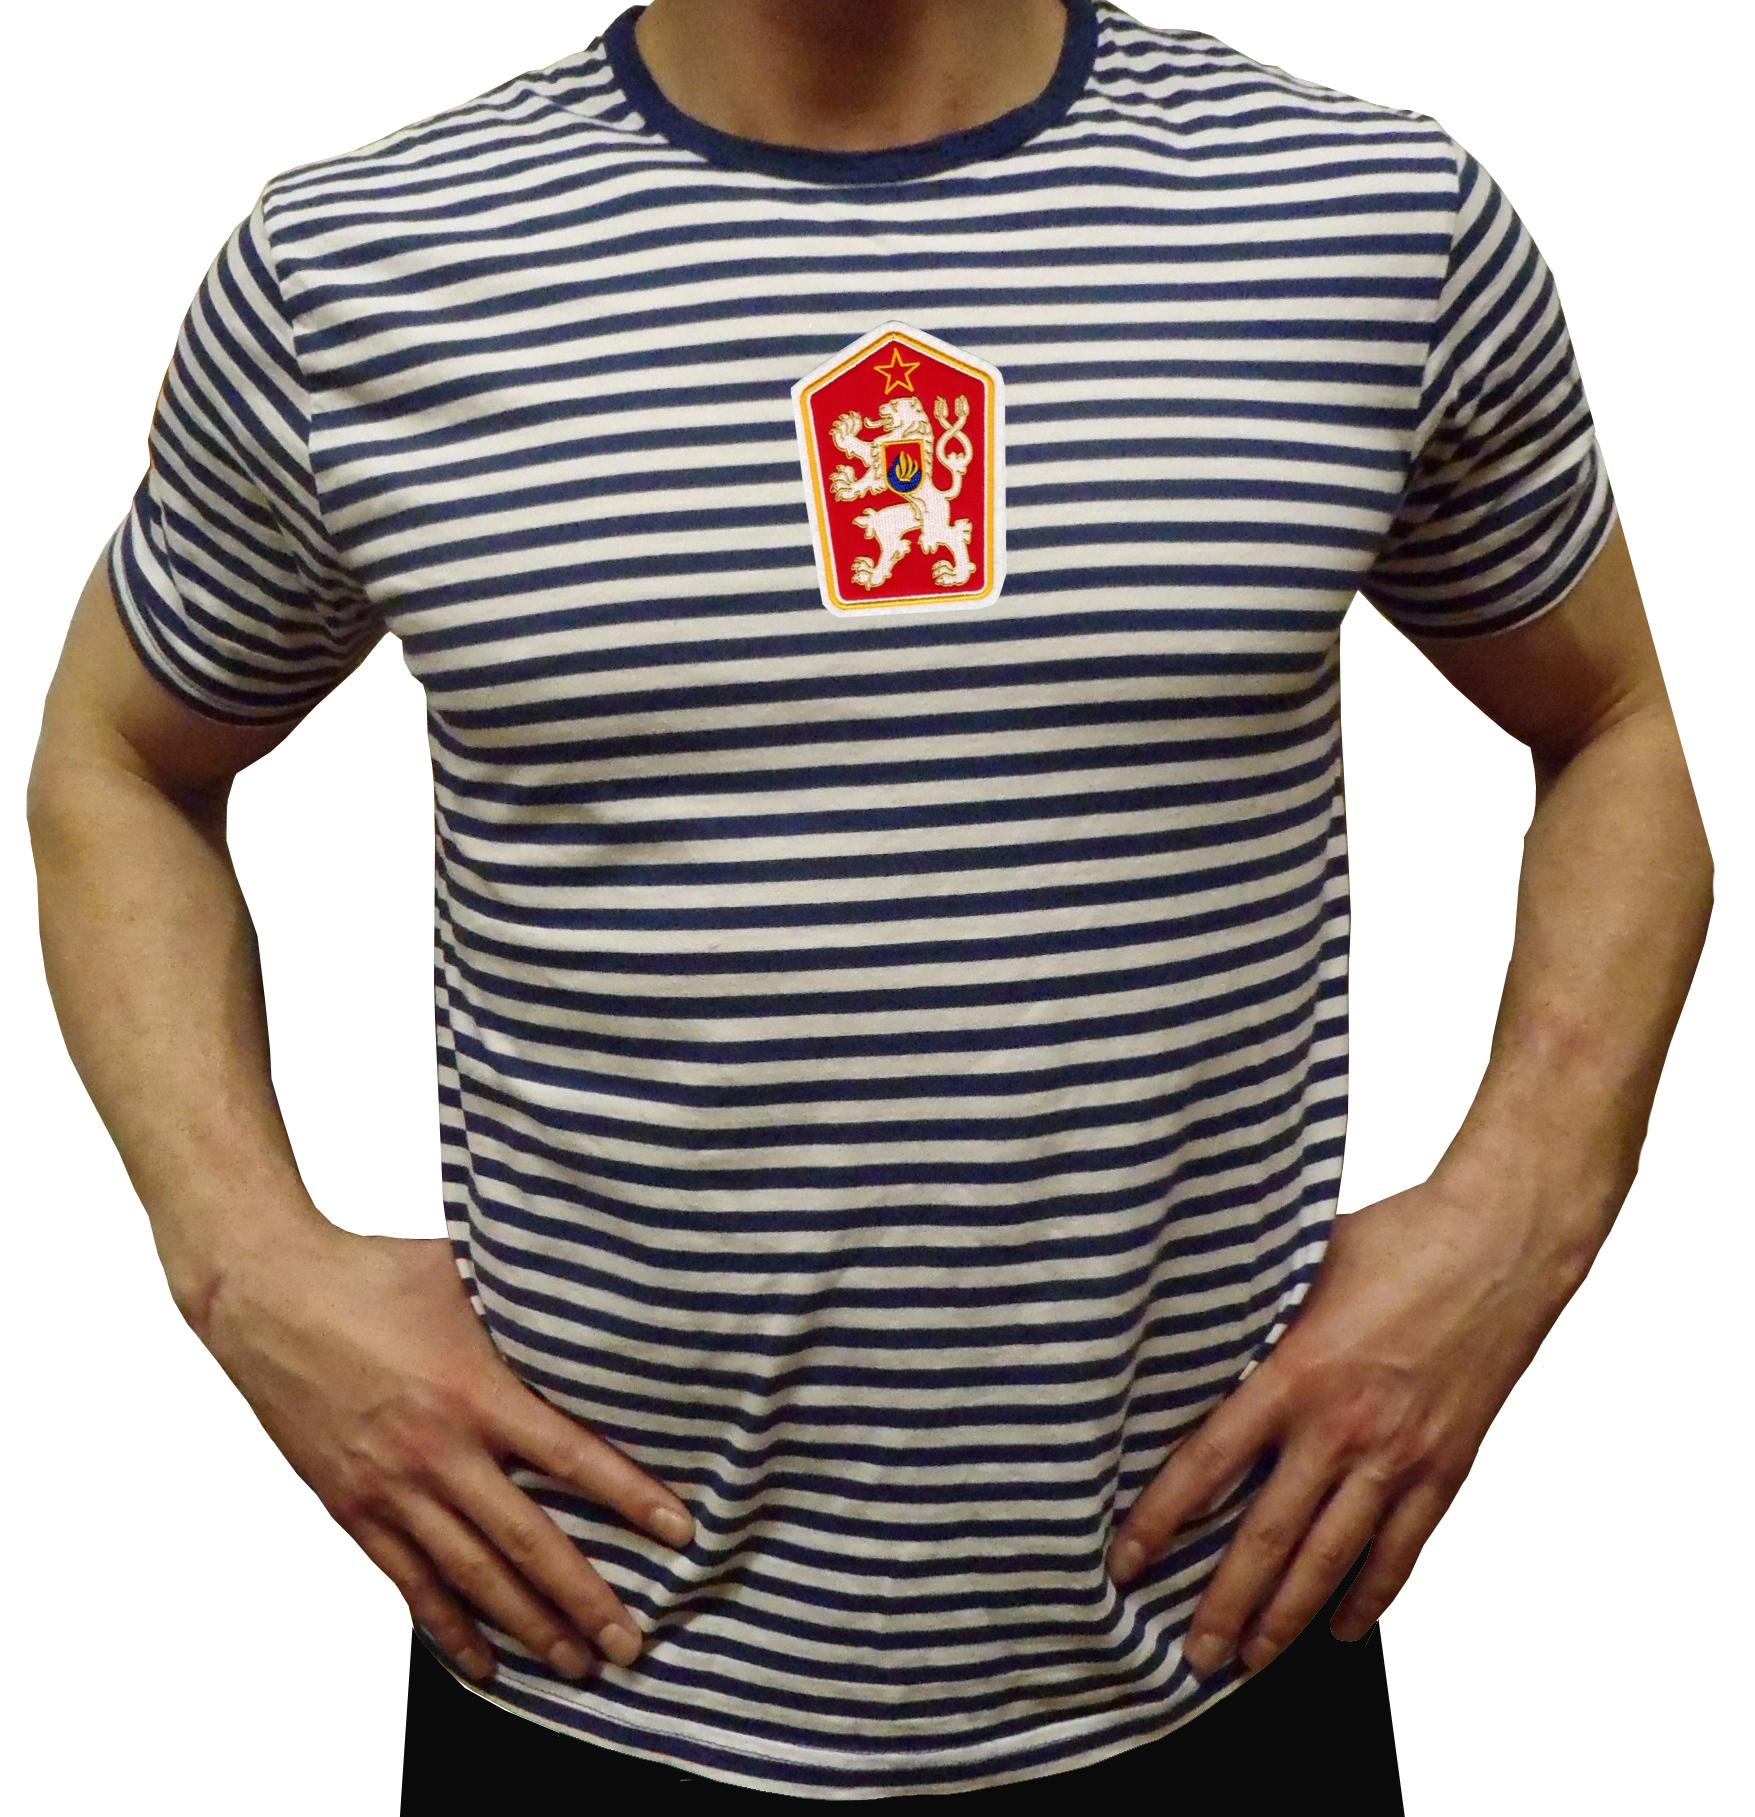 Trops-Sport Námořnické tričko TOP ČSSR Velikost: S, Lze dotisknout: Vzhled dle obrázku